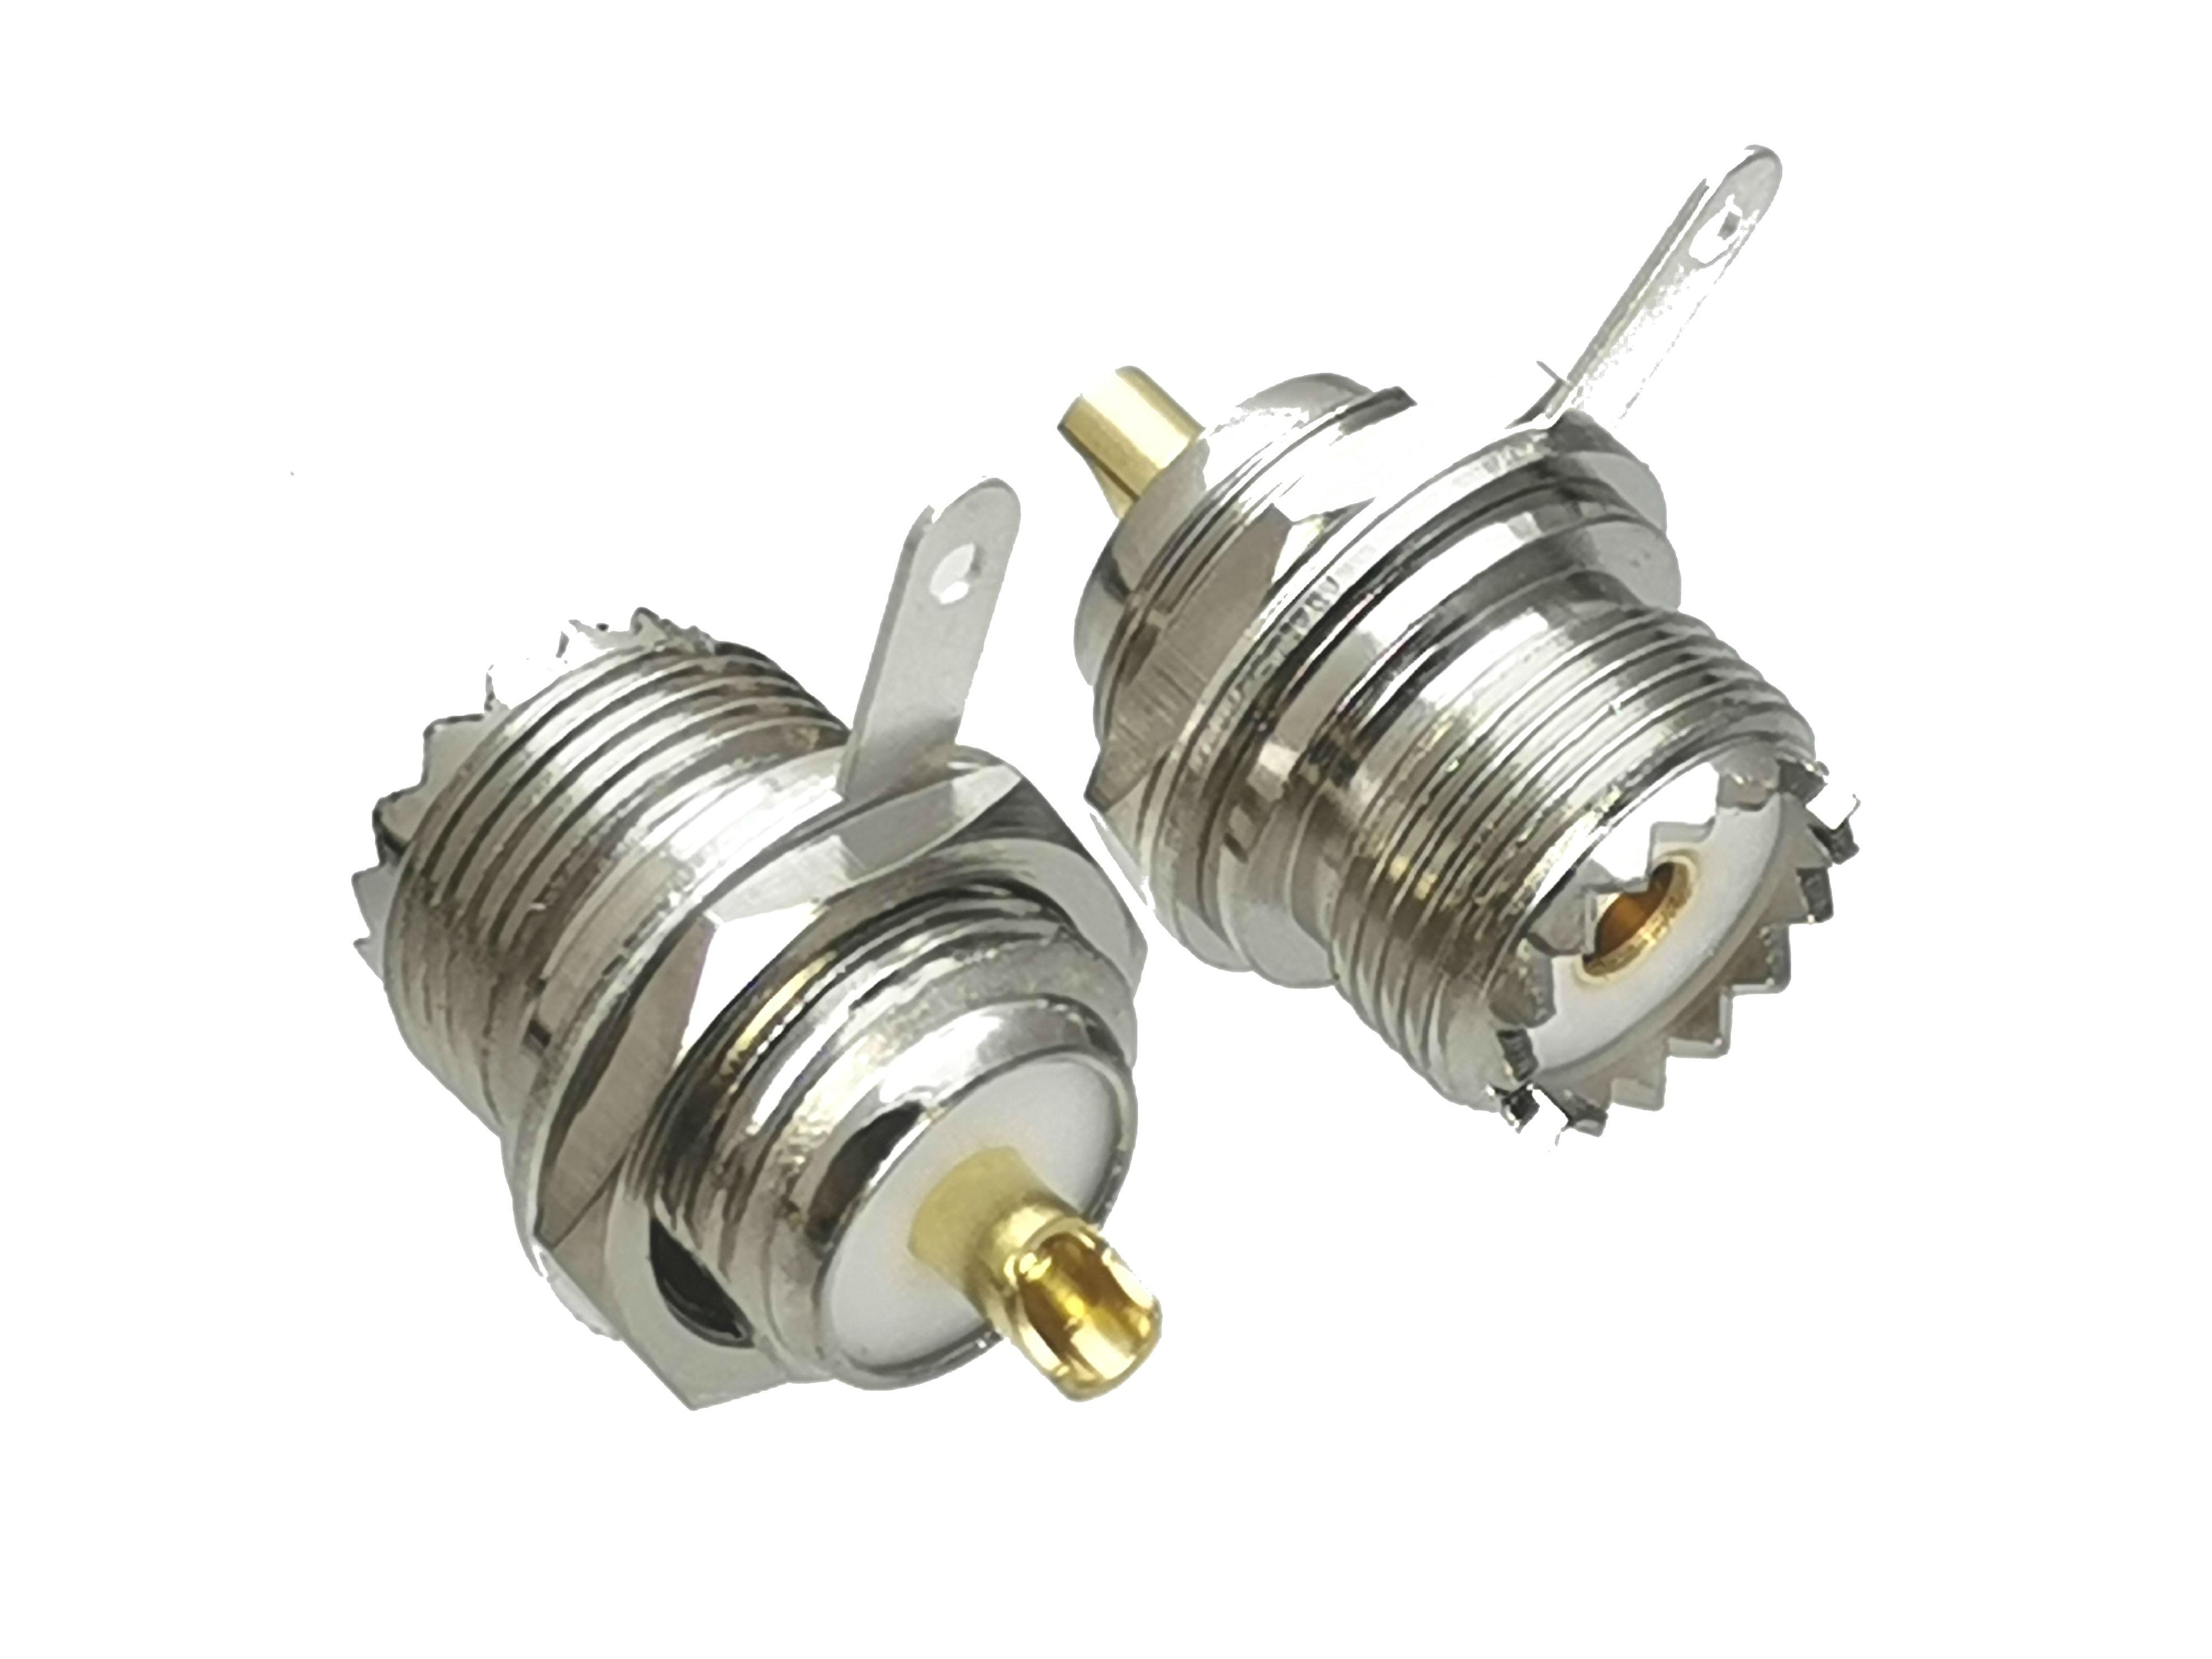 1 шт. разъем UHF SO239 гнездовой разъем Bullkhead Nut припой для панельного крепления RF коаксиальный адаптер